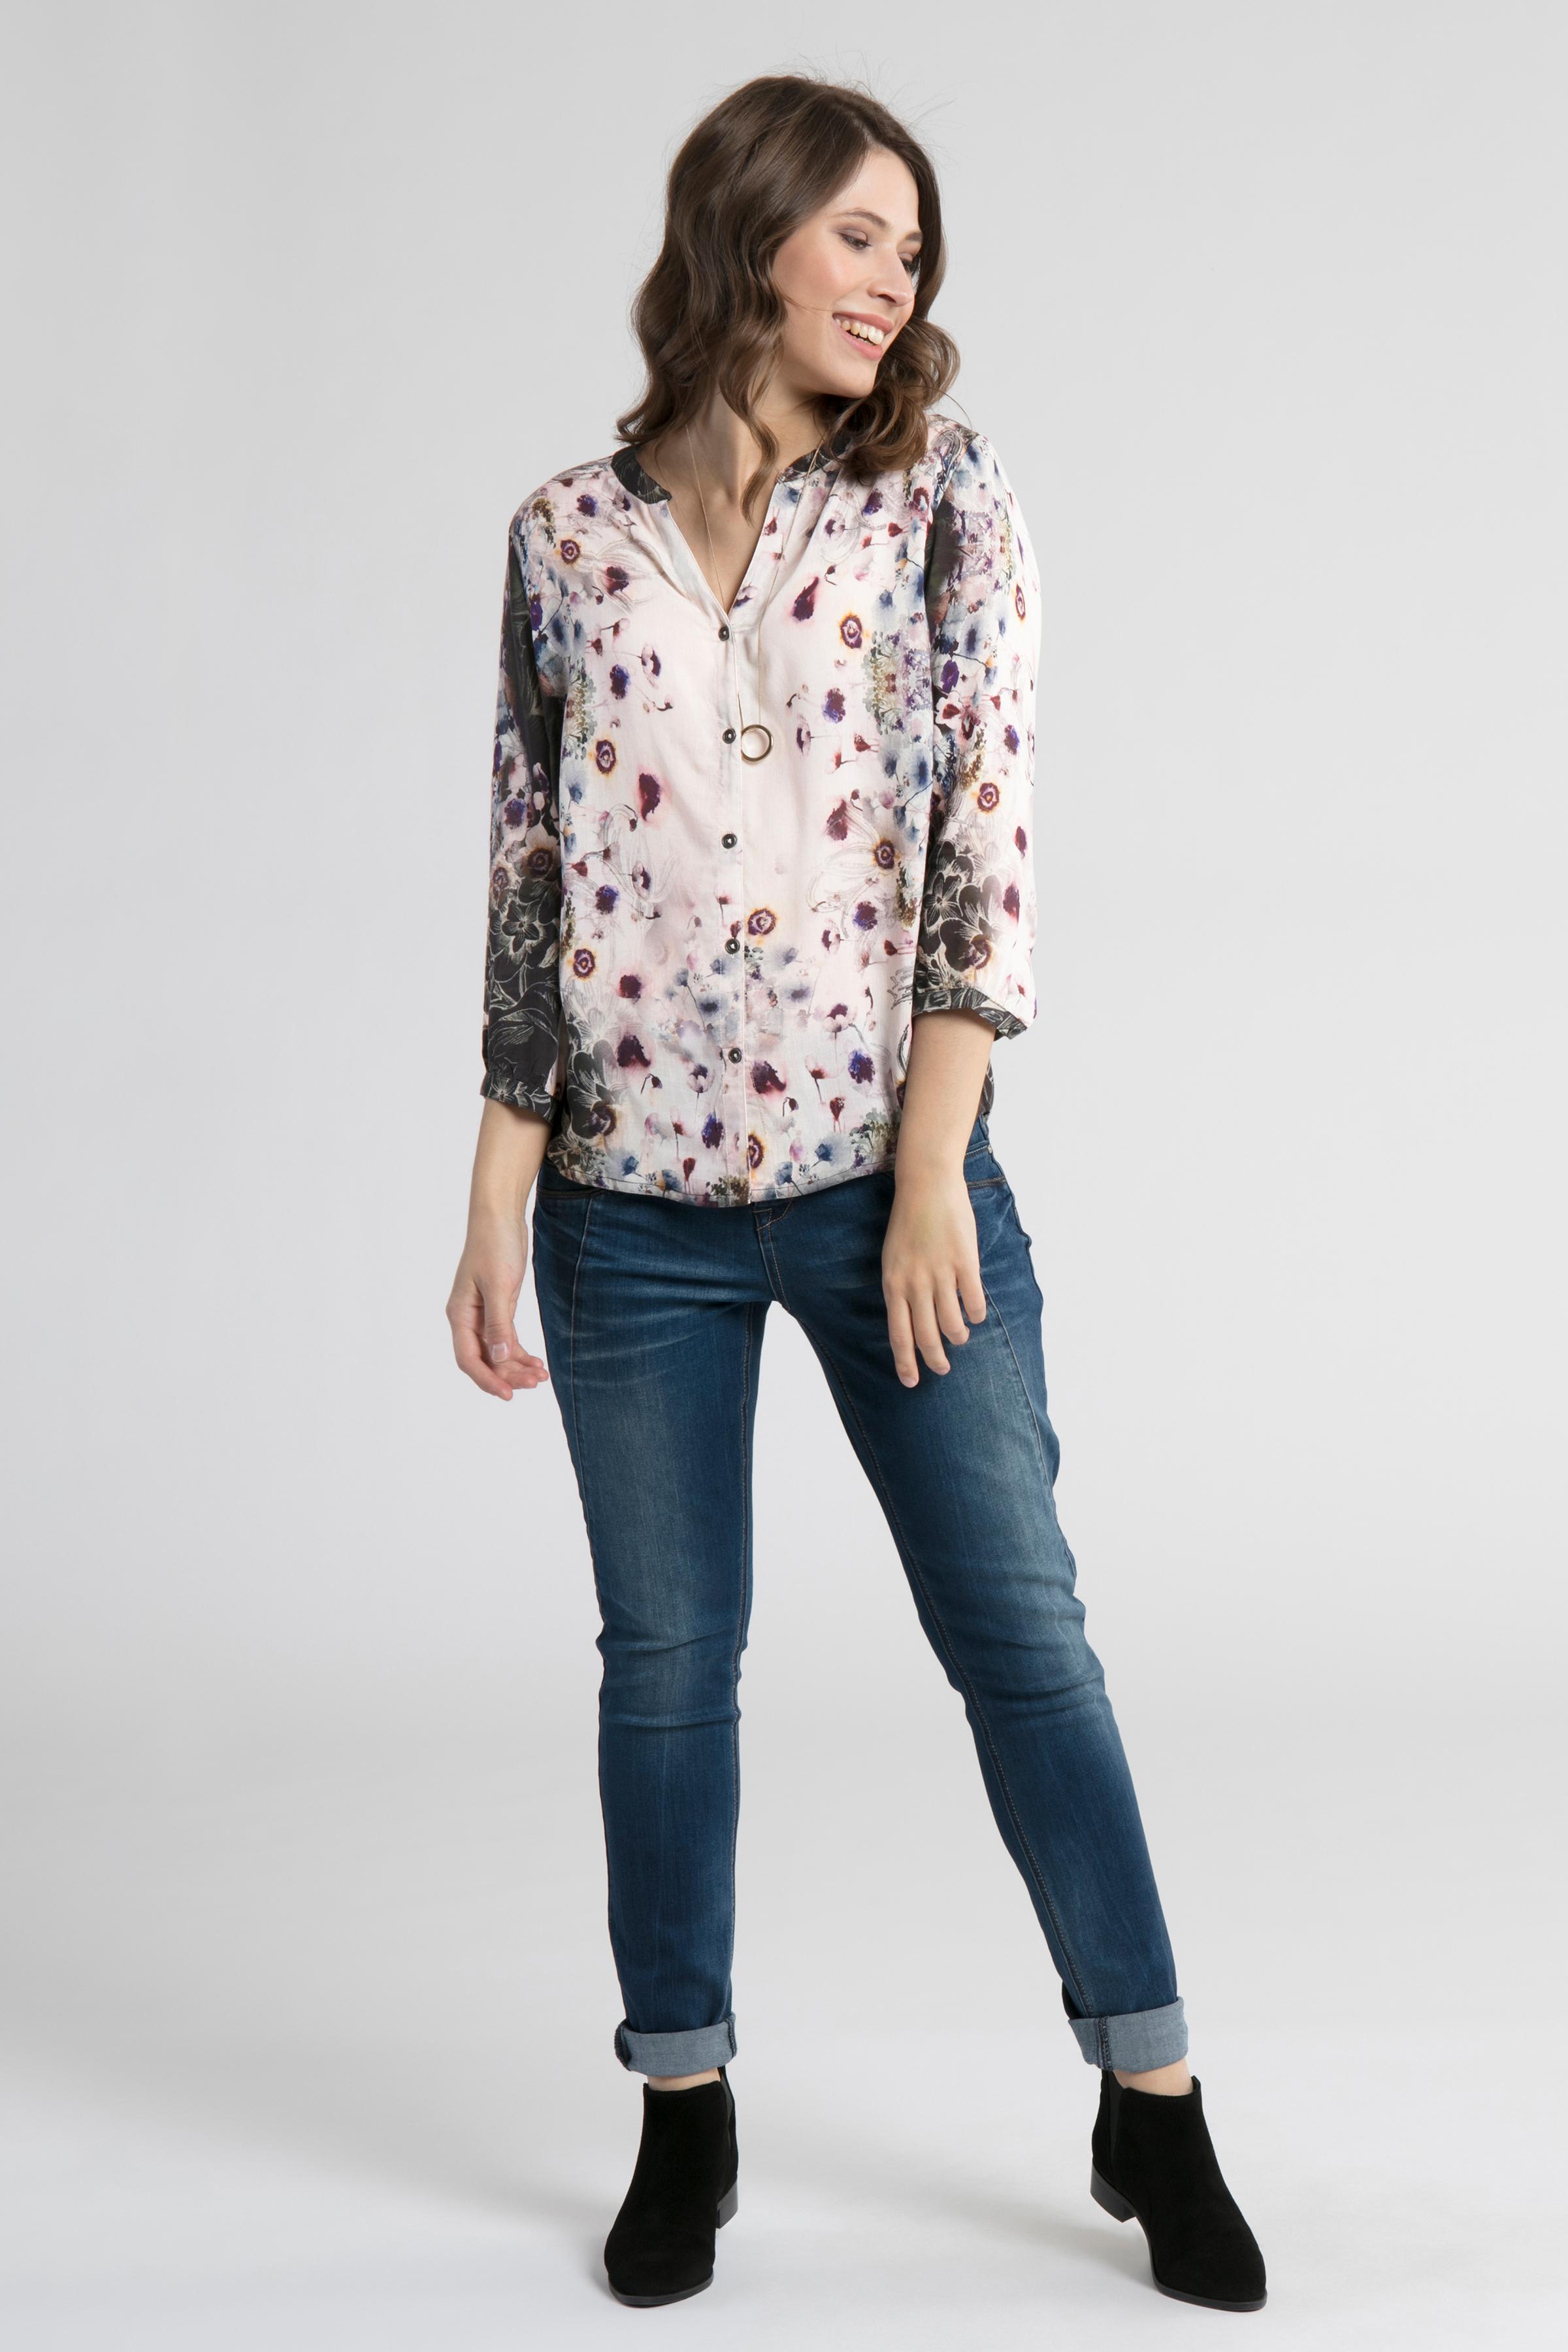 Off-white/aubergine Långärmad skjorta  från Cream – Köp Off-white/aubergine Långärmad skjorta  från stl. 34-46 här